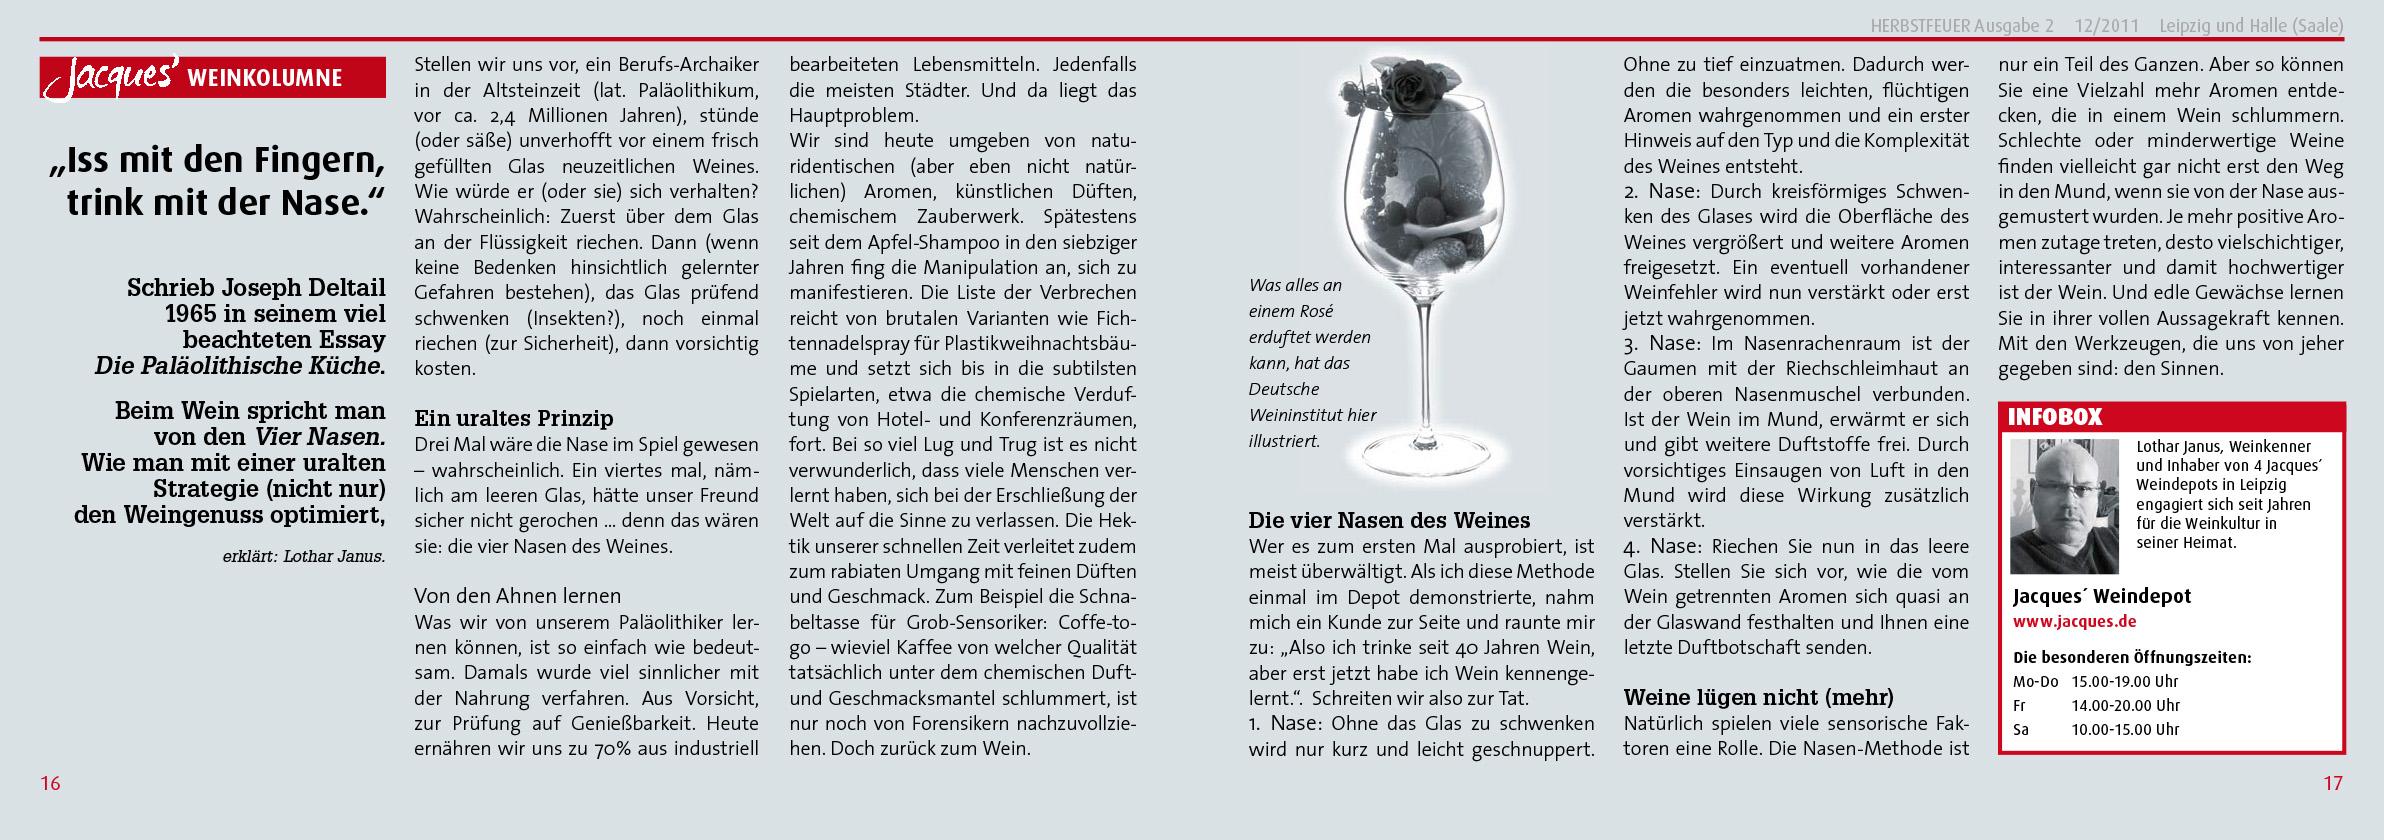 PR Kampagne für Jacques' Wein-Depot; HERBSTFEUER® Nr. 3, 2012